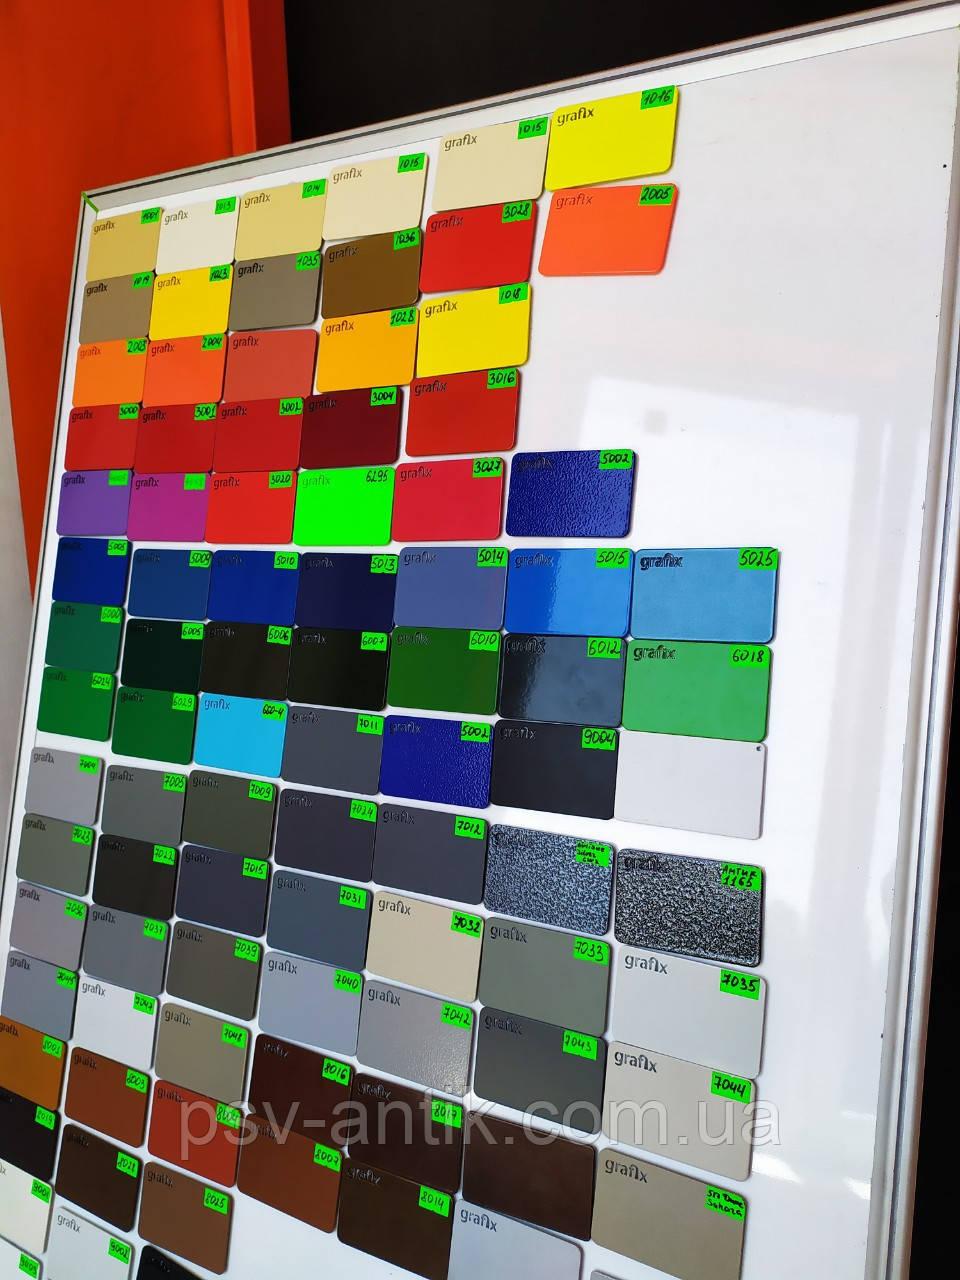 Порошковая краска для сублимации, структурная, полиэфирная, архитектурная, 8775